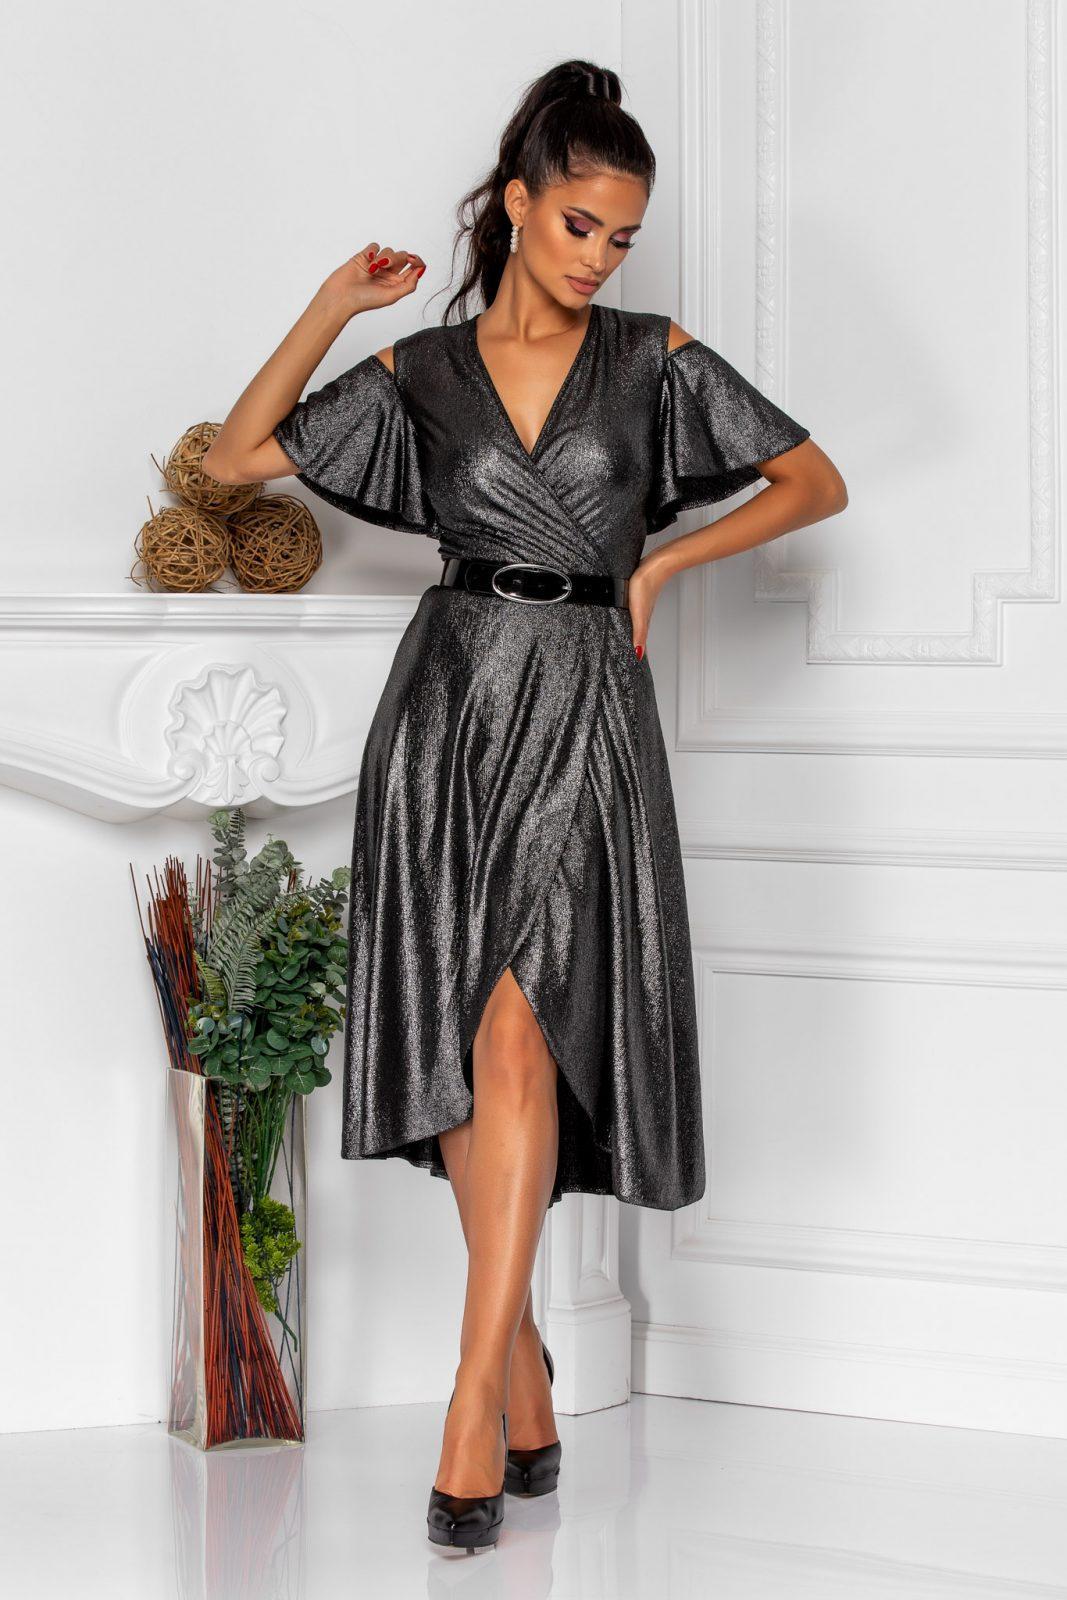 Ασημί Βραδινό Φόρεμα Venera 8292